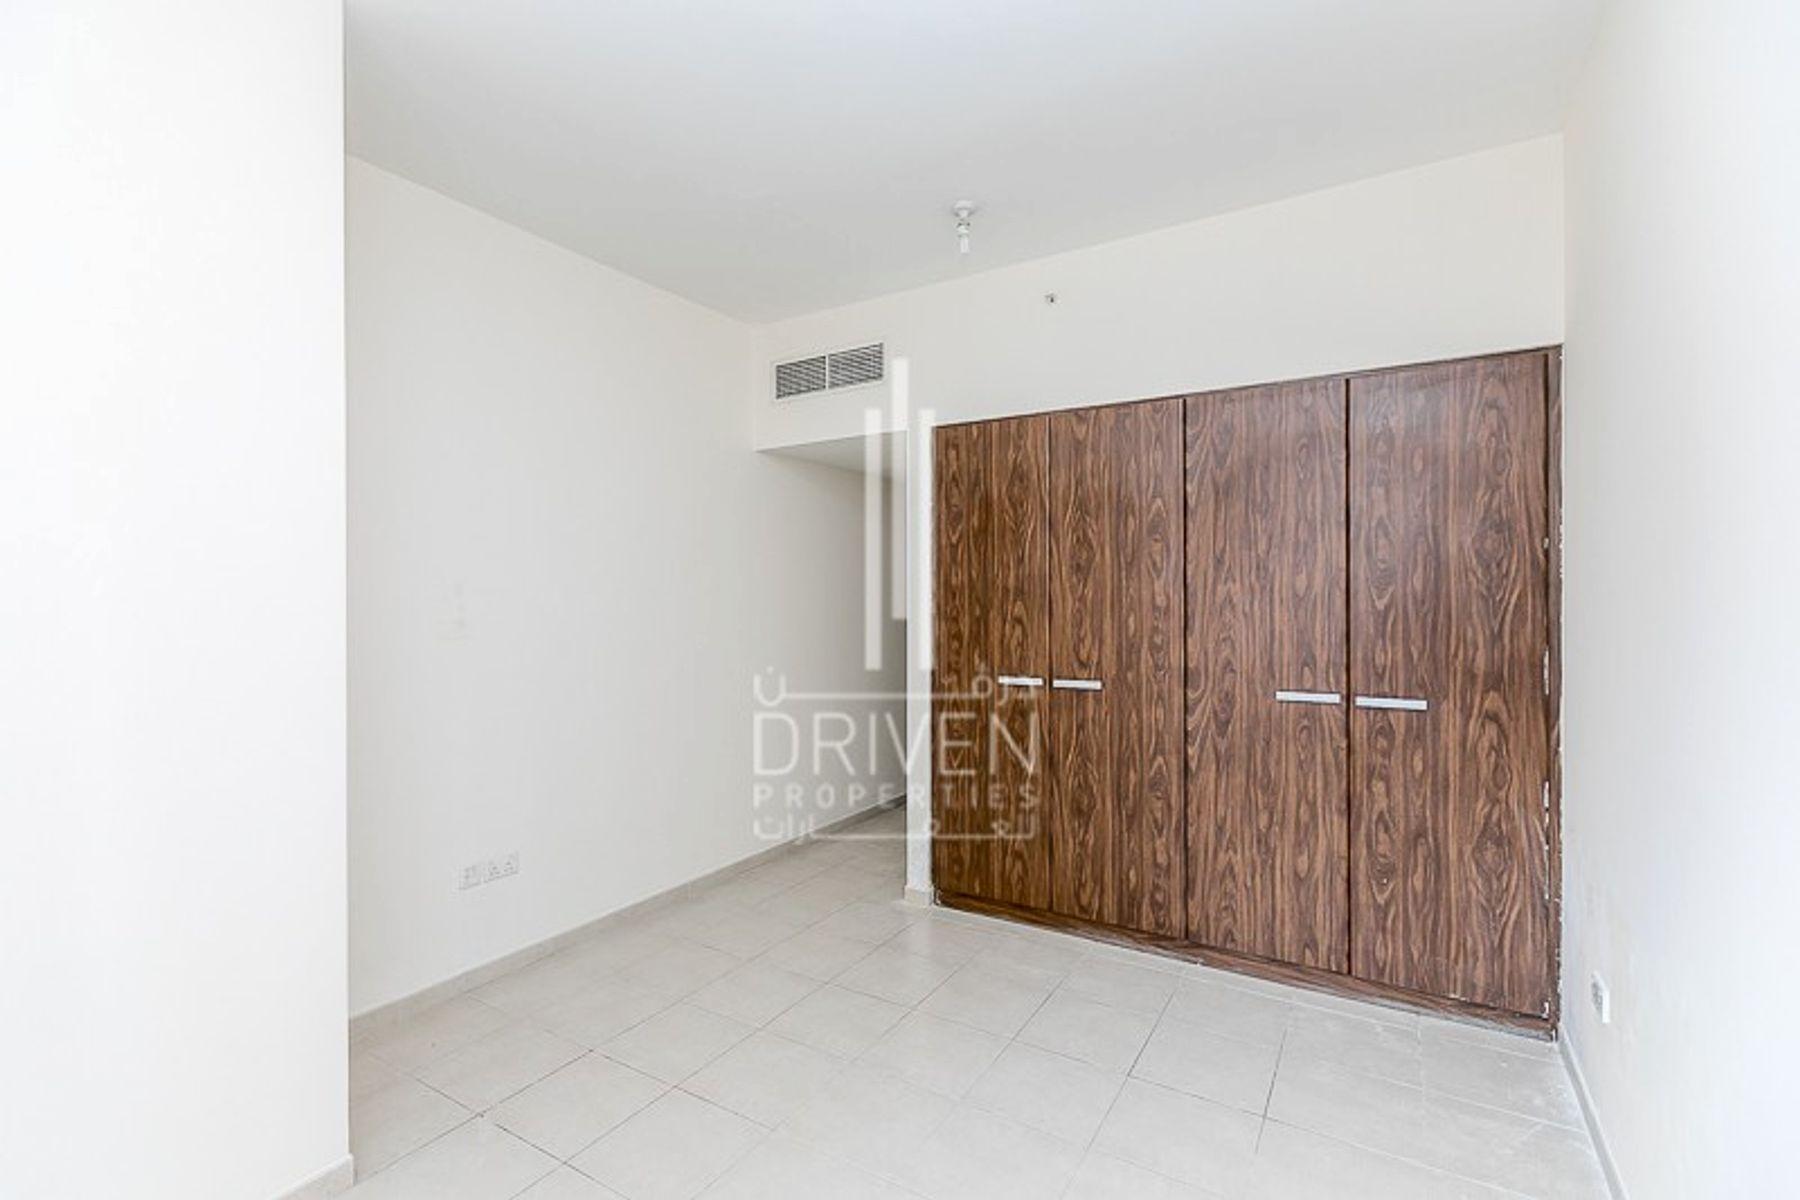 للبيع - شقة - E برج - الخليج التجاري